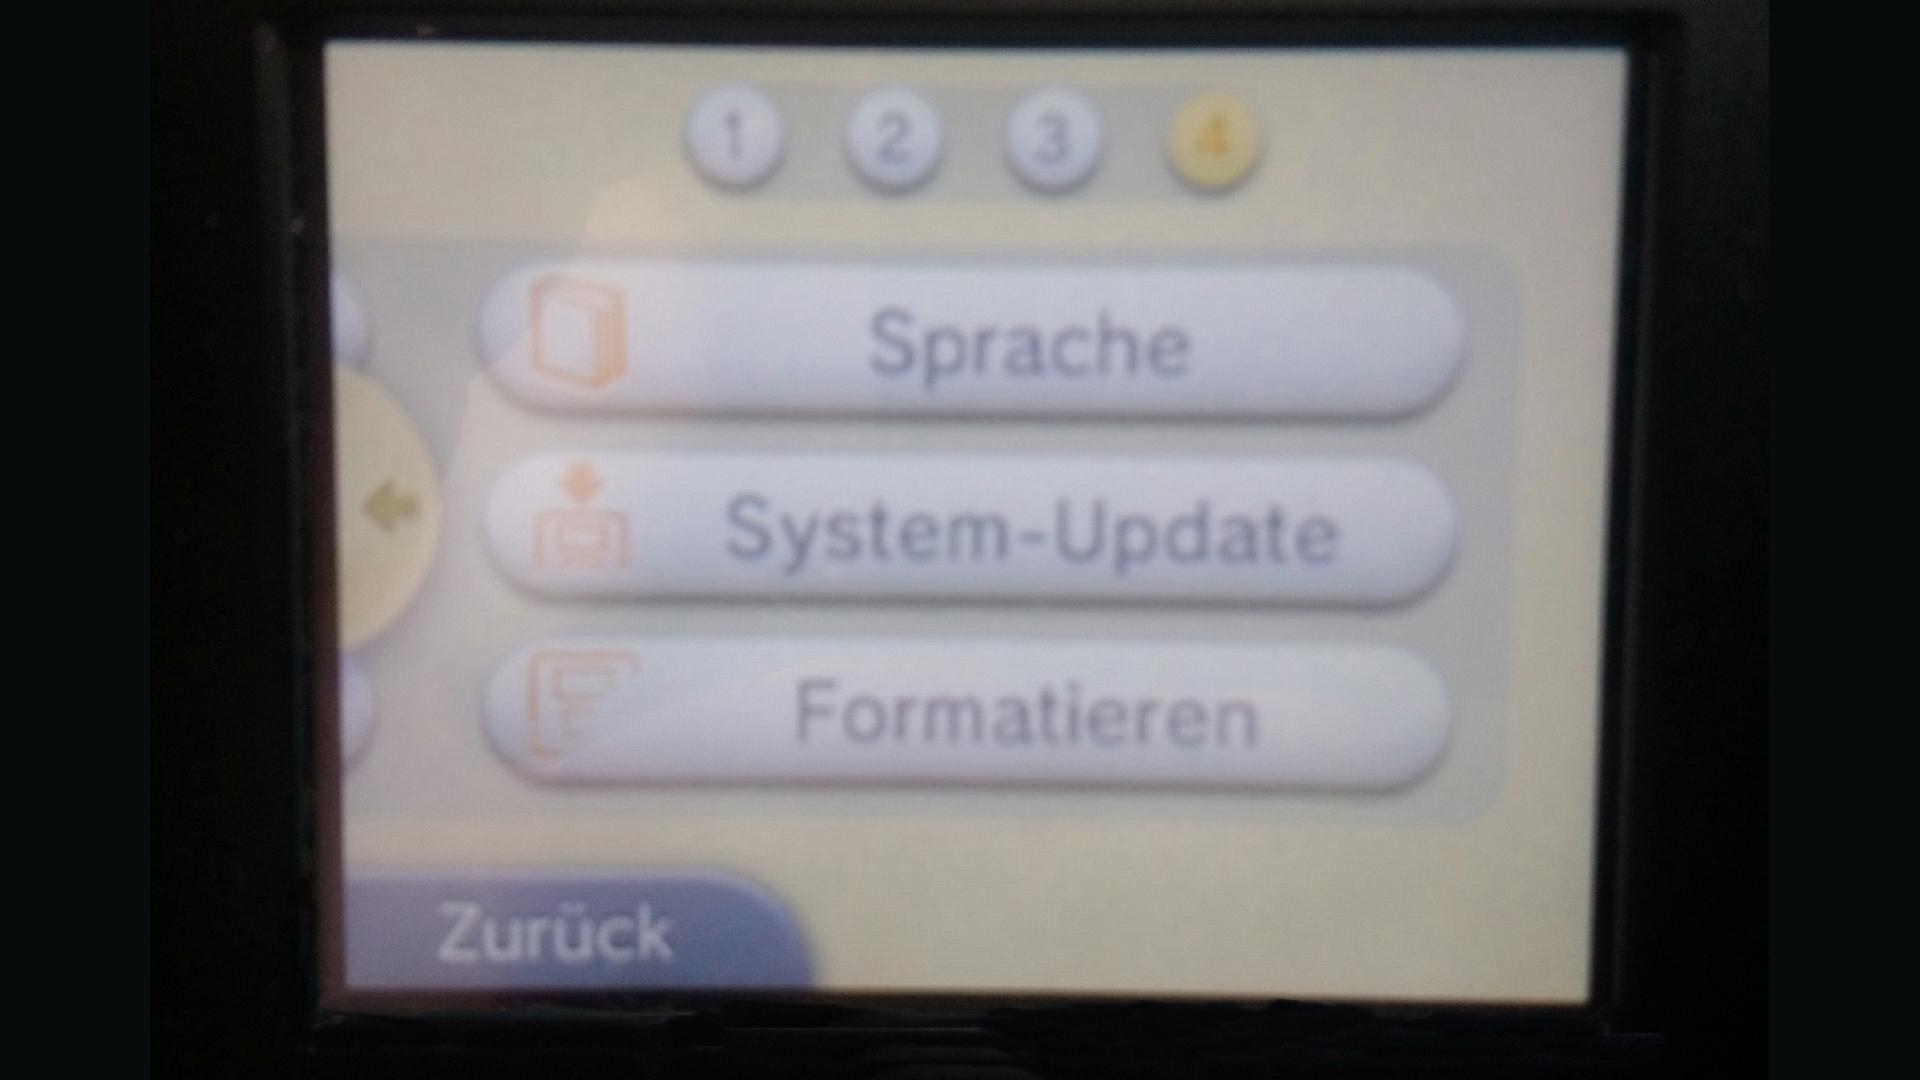 Nintendo 3ds Sd Karte.Nintendo 3ds Zurücksetzen Formatieren So Geht S